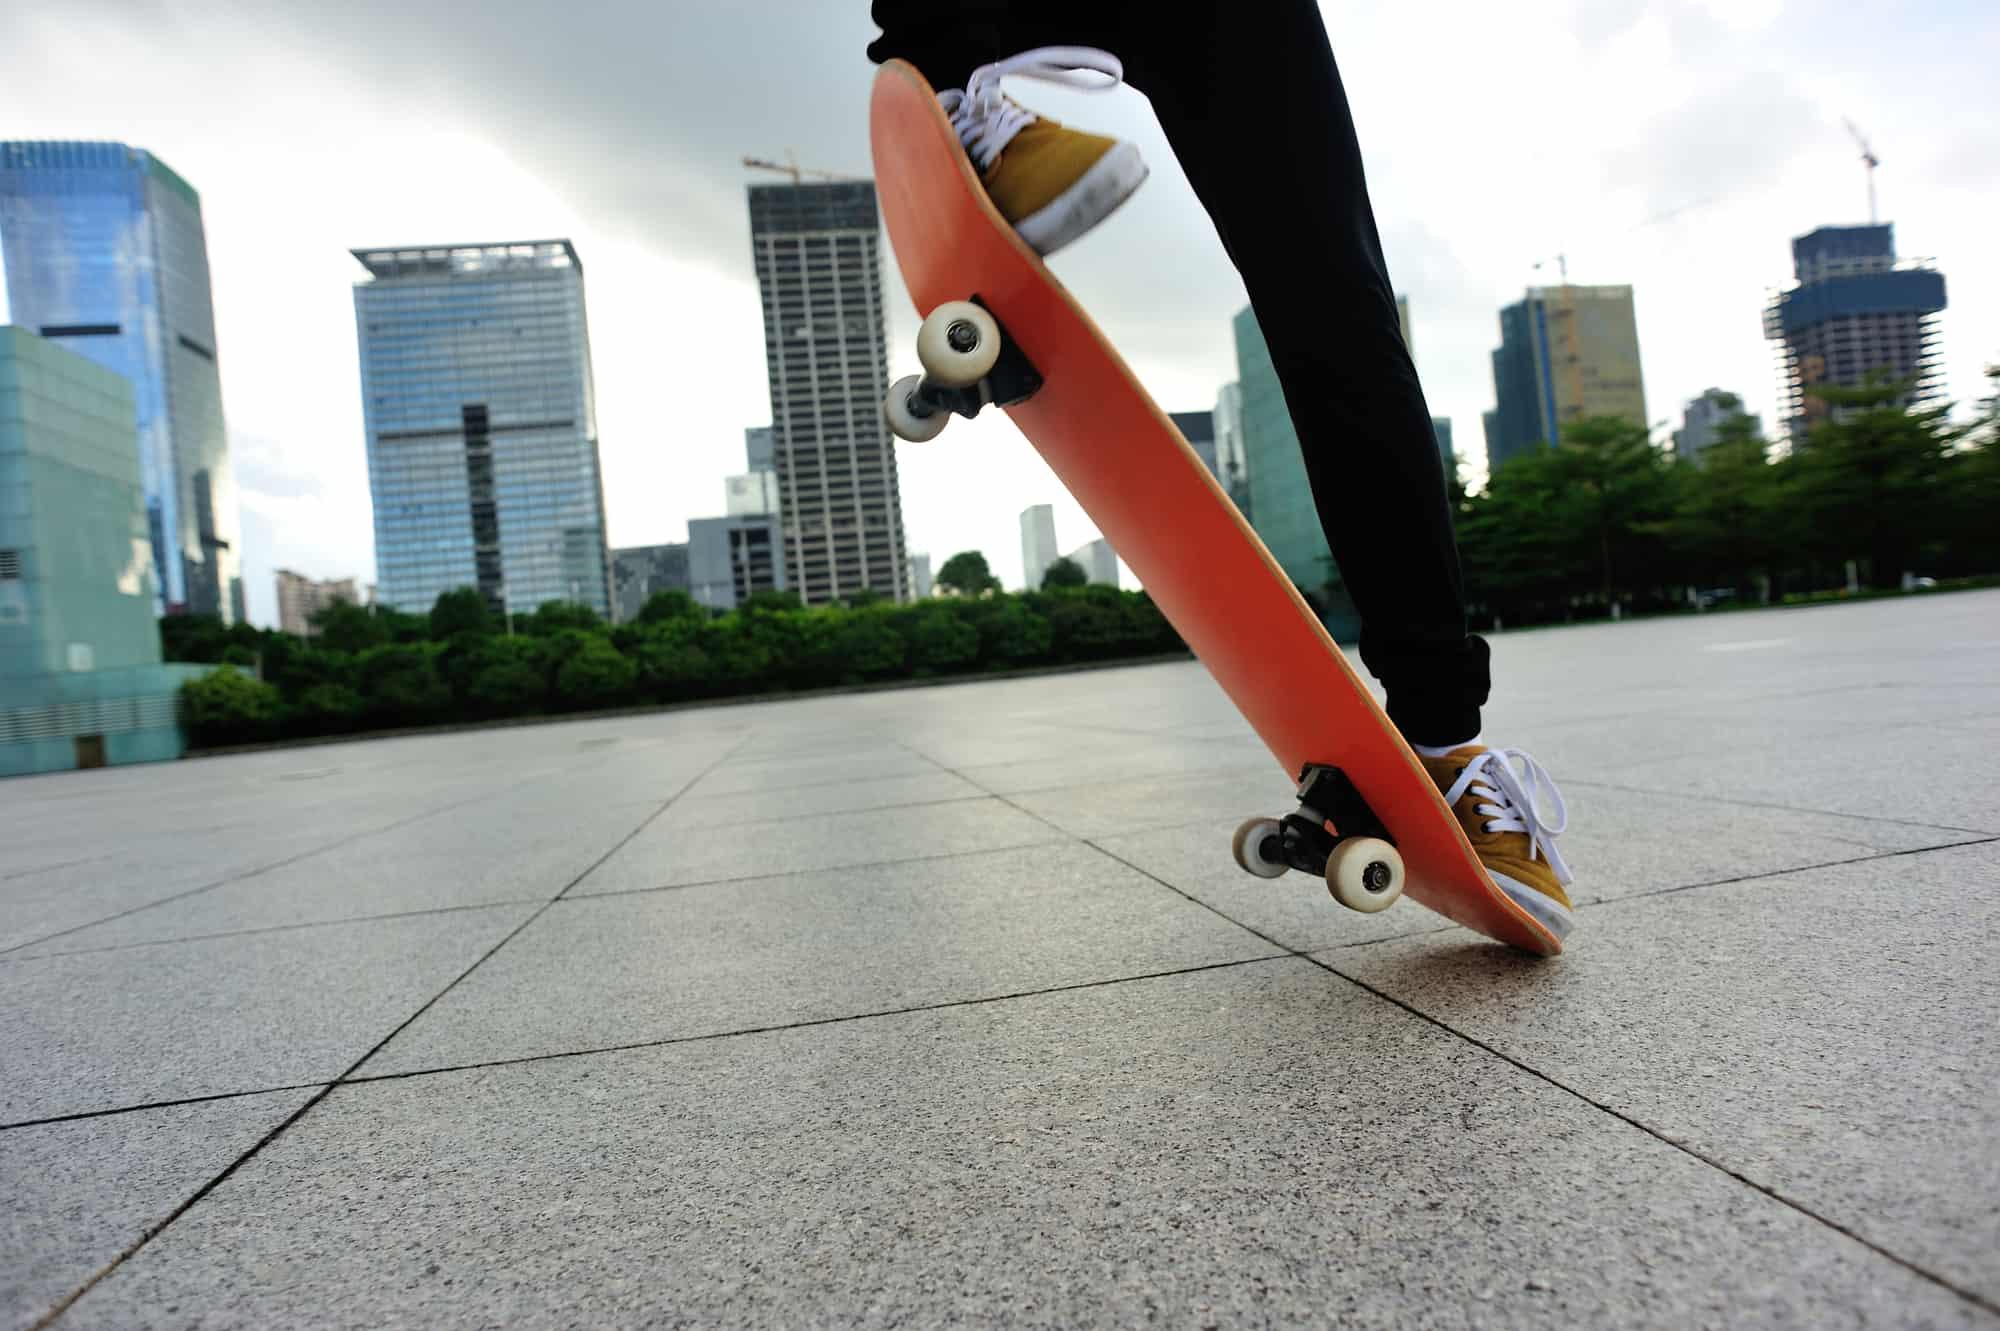 is skateboarding hard